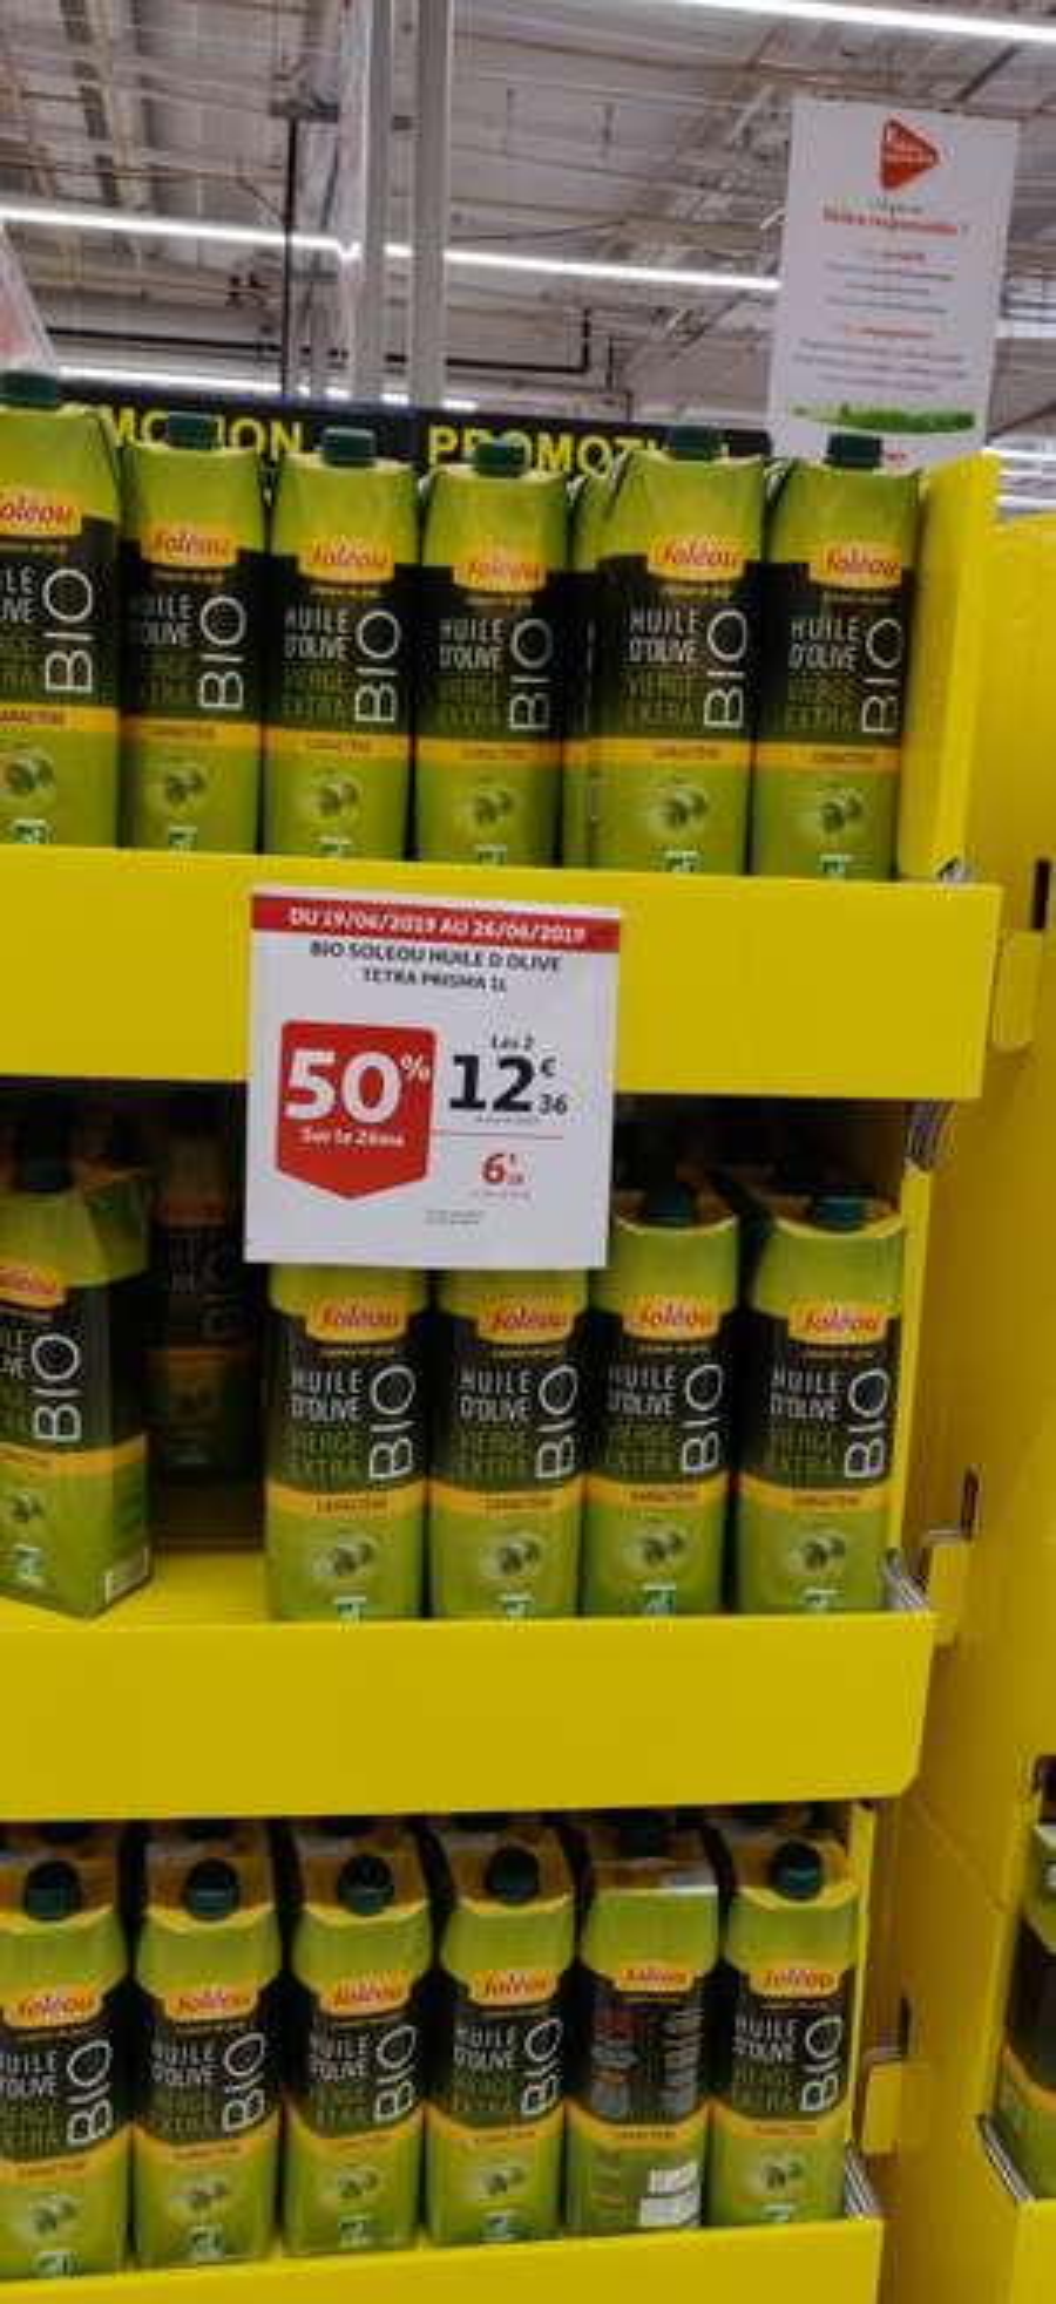 Lot de 2 Huiles d'olive bio Extra vierge Soléou: 2 x 1 L - Leers (59)